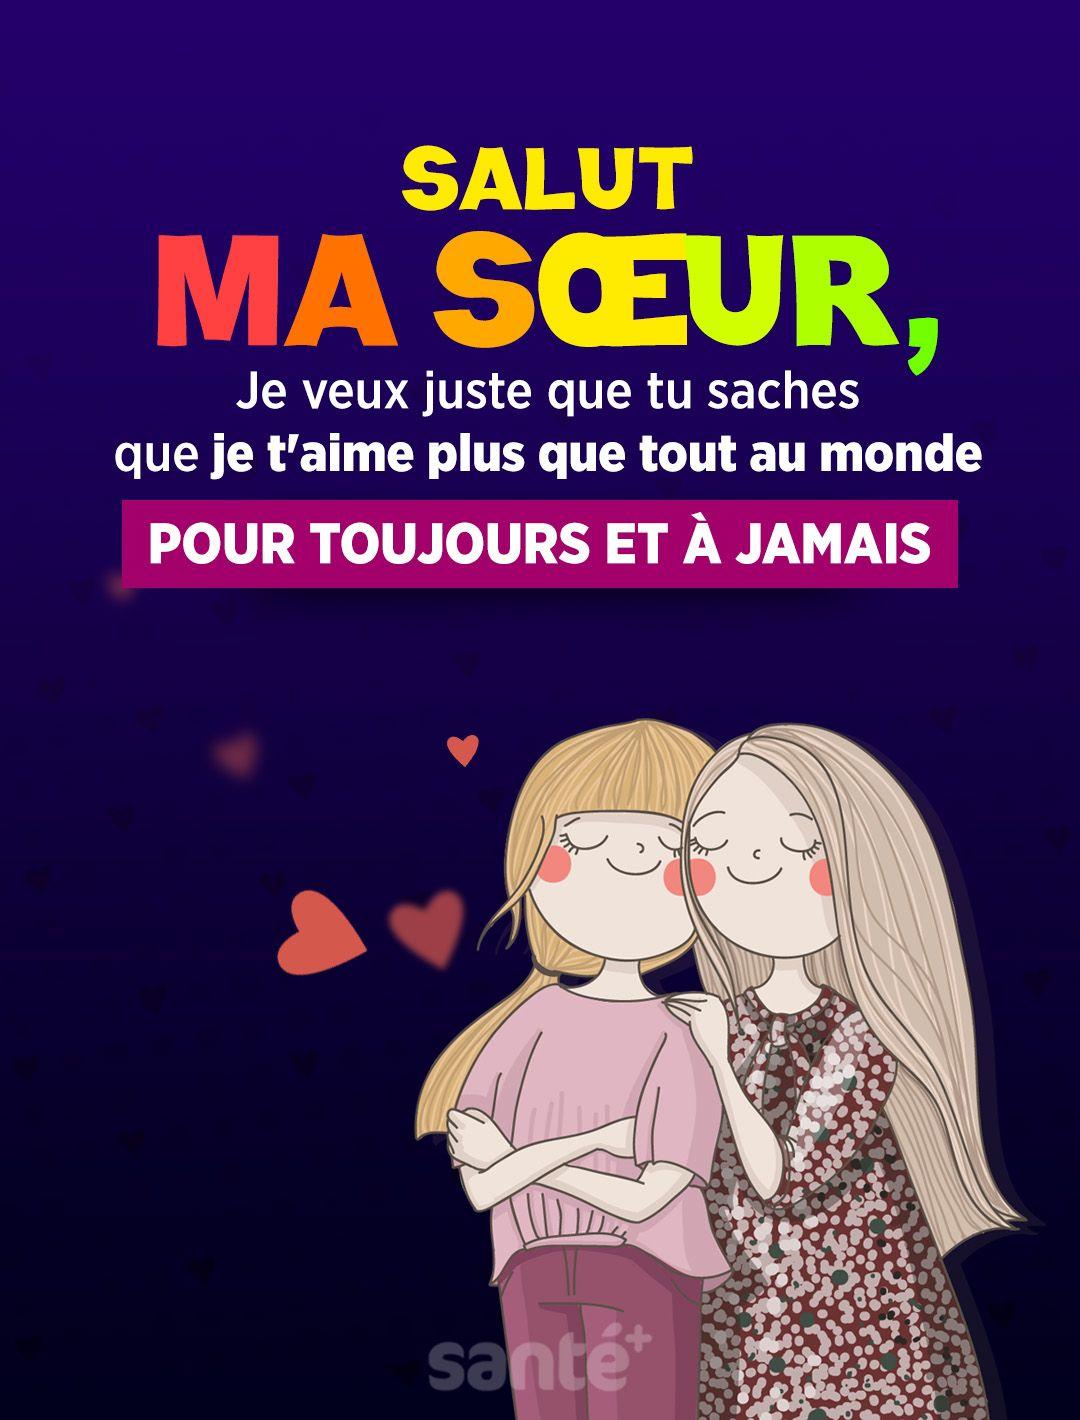 Je T Aime Ma Soeur Citation : soeur, citation, Salut, Sœur,, Juste, Saches, T'aime, Monde, Toujours, Citation, Frere, Soeur,, Poeme